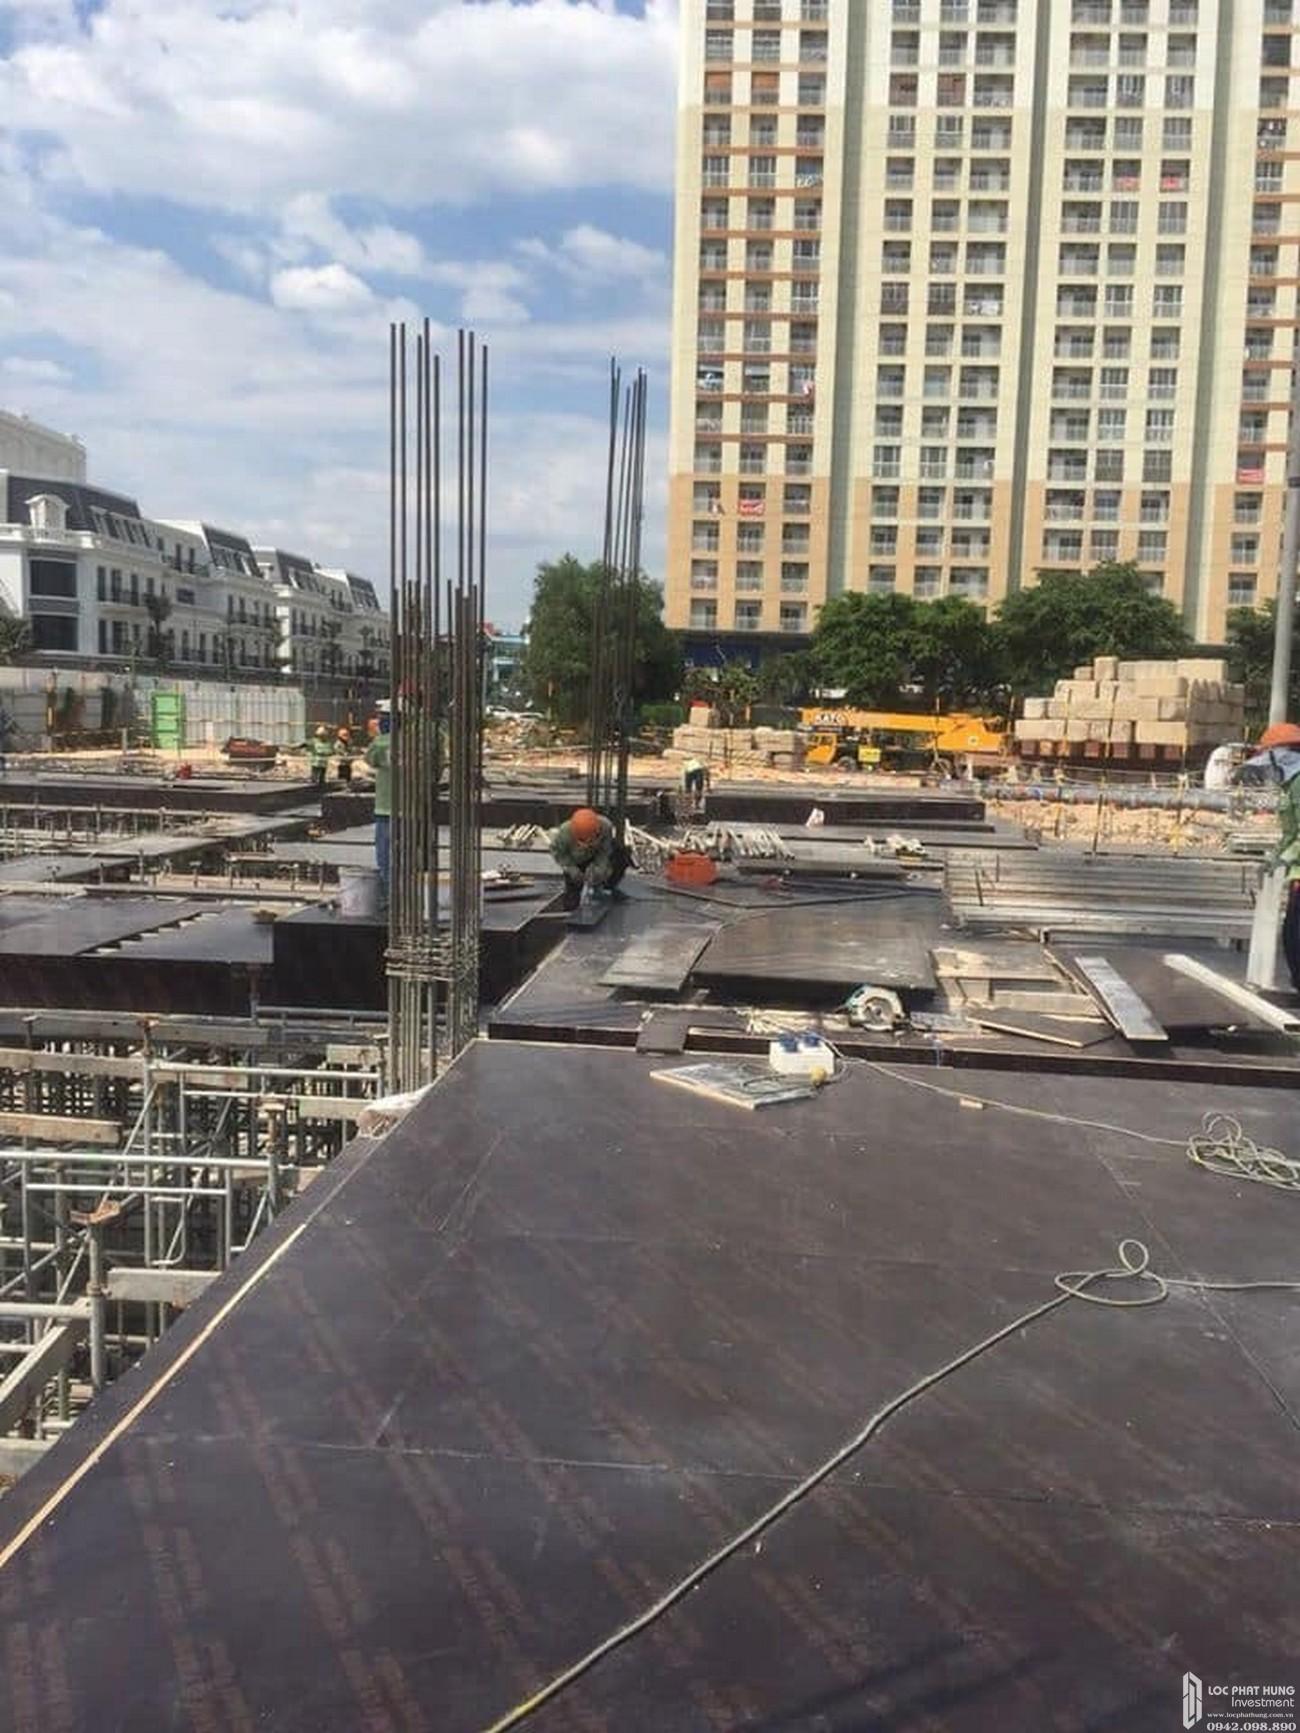 Tiến độ xây dựng căn hộ + Officetel dự án Charm City 02/2020 – Nhận ký gửi mua bán + Cho thuê